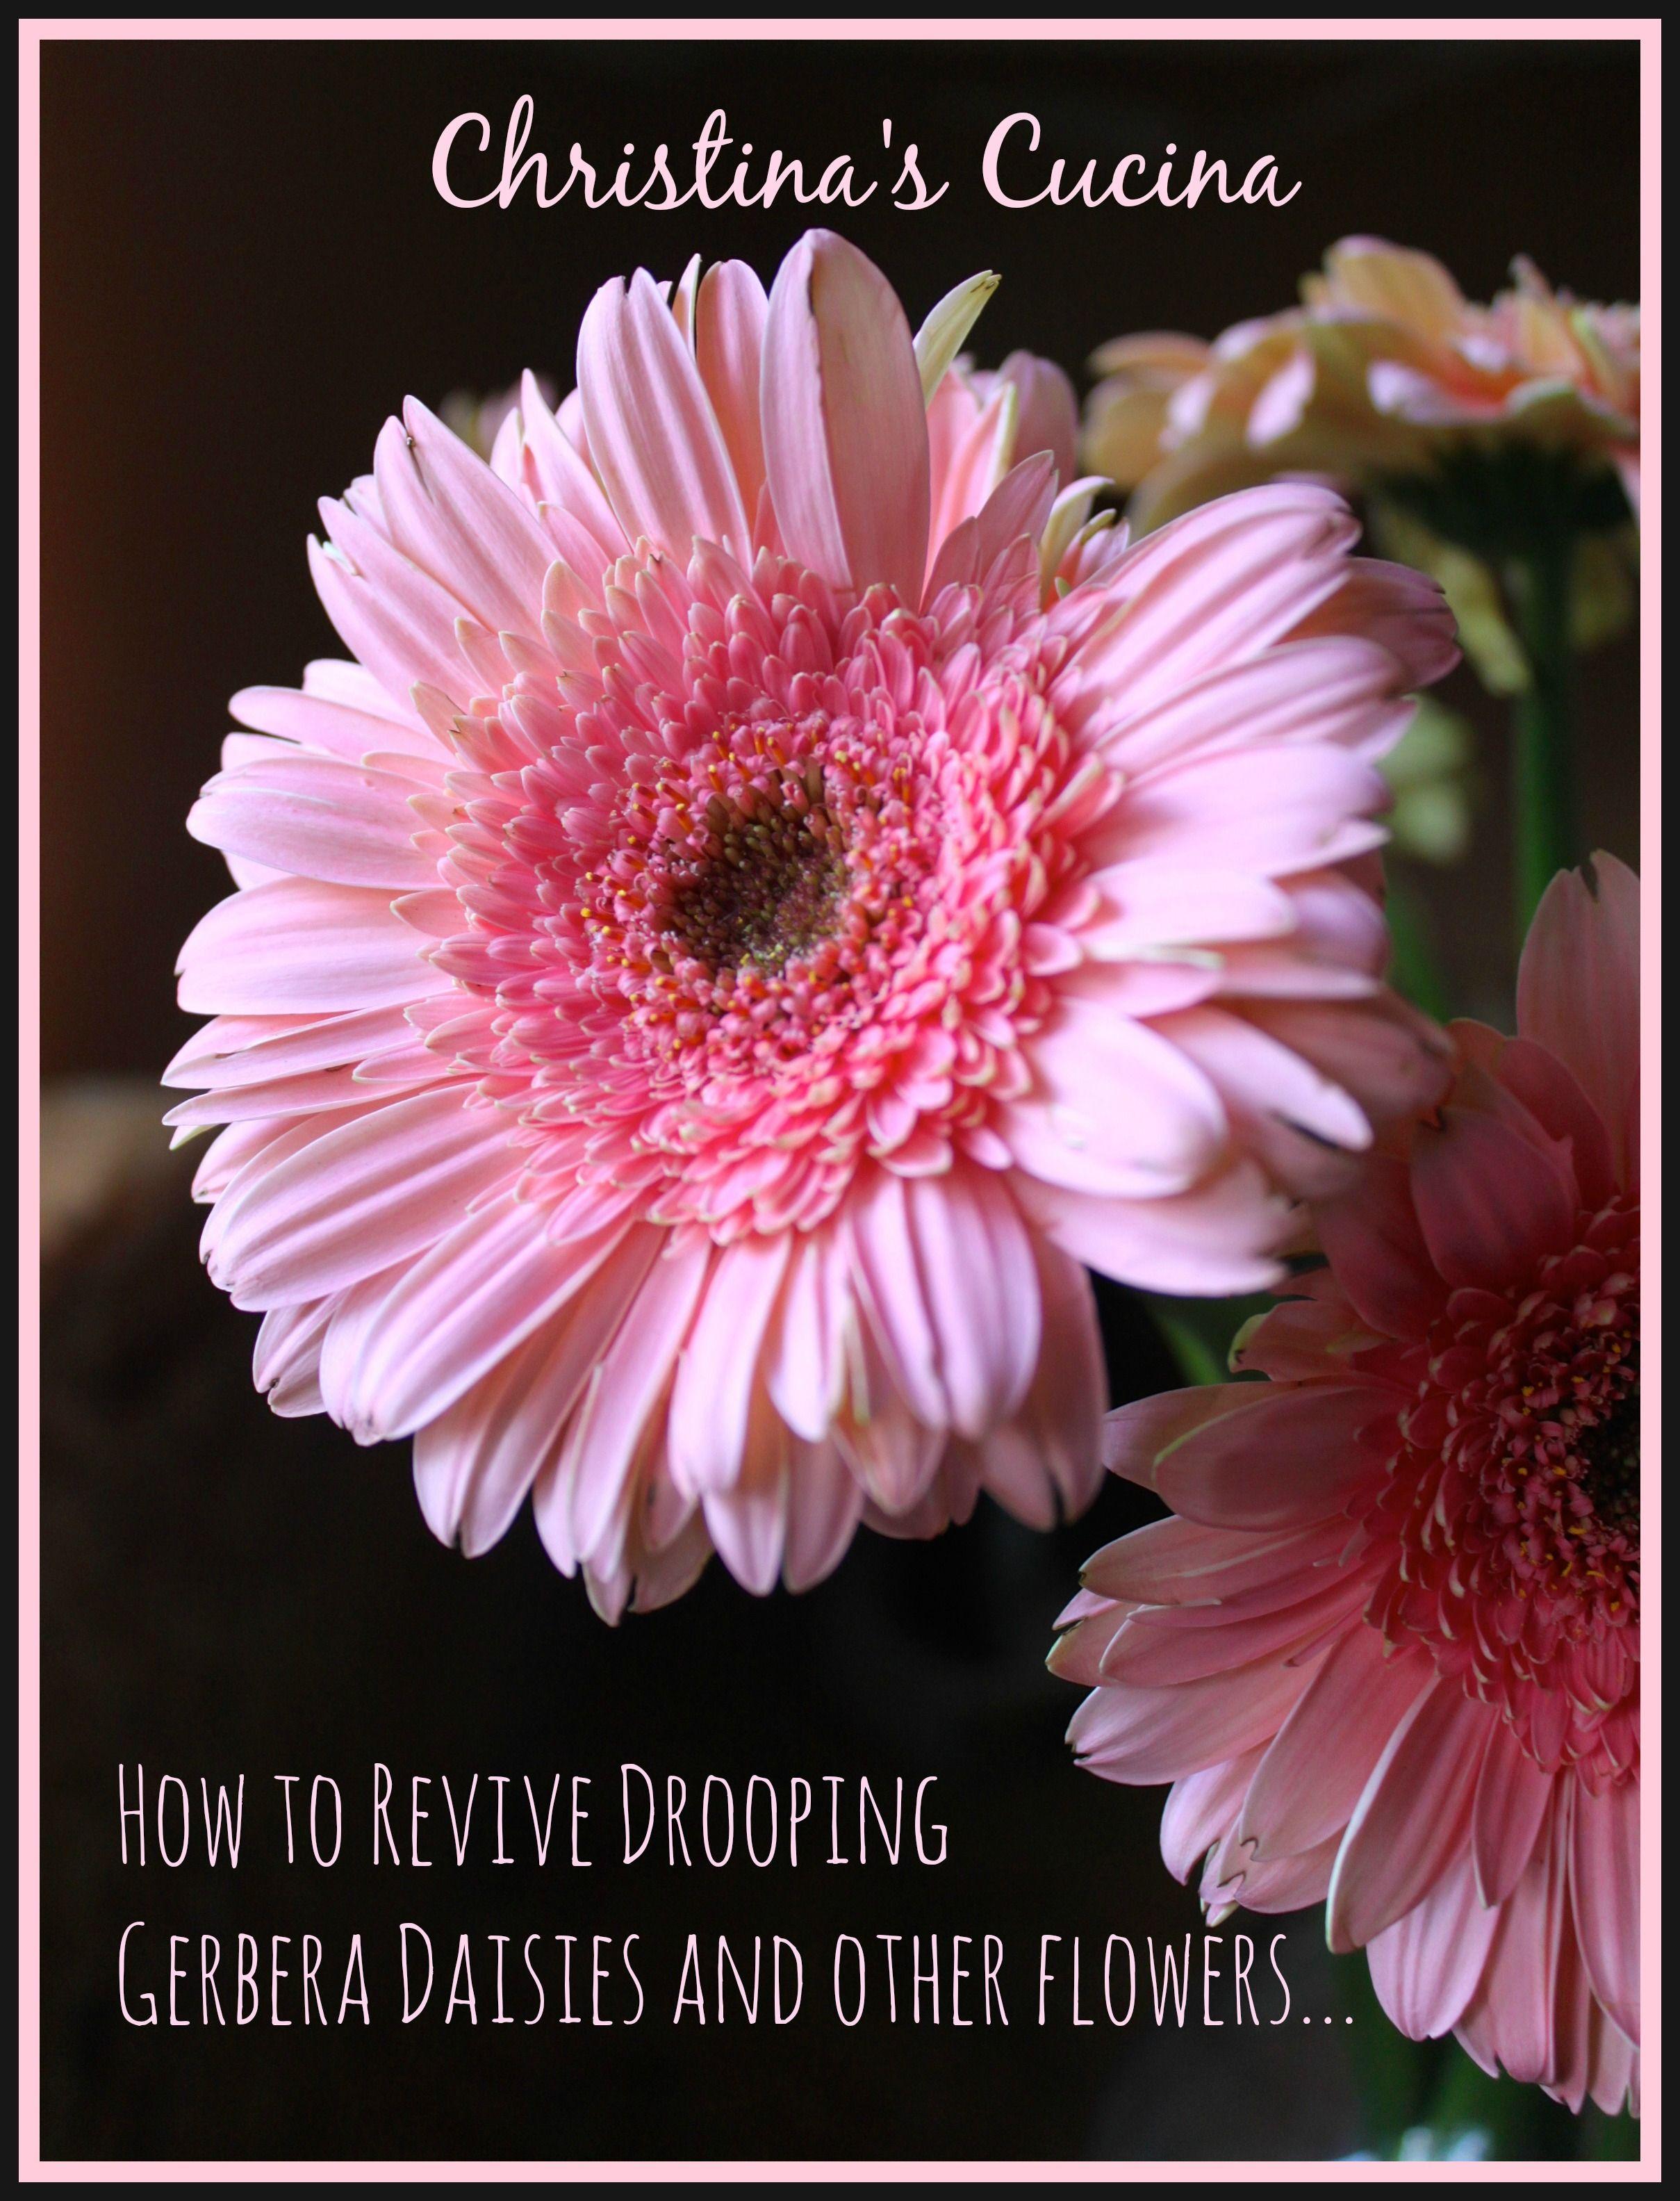 How To Revive Gerbera Daisies Gerbera Daisy Gerbera Gerbera Plant